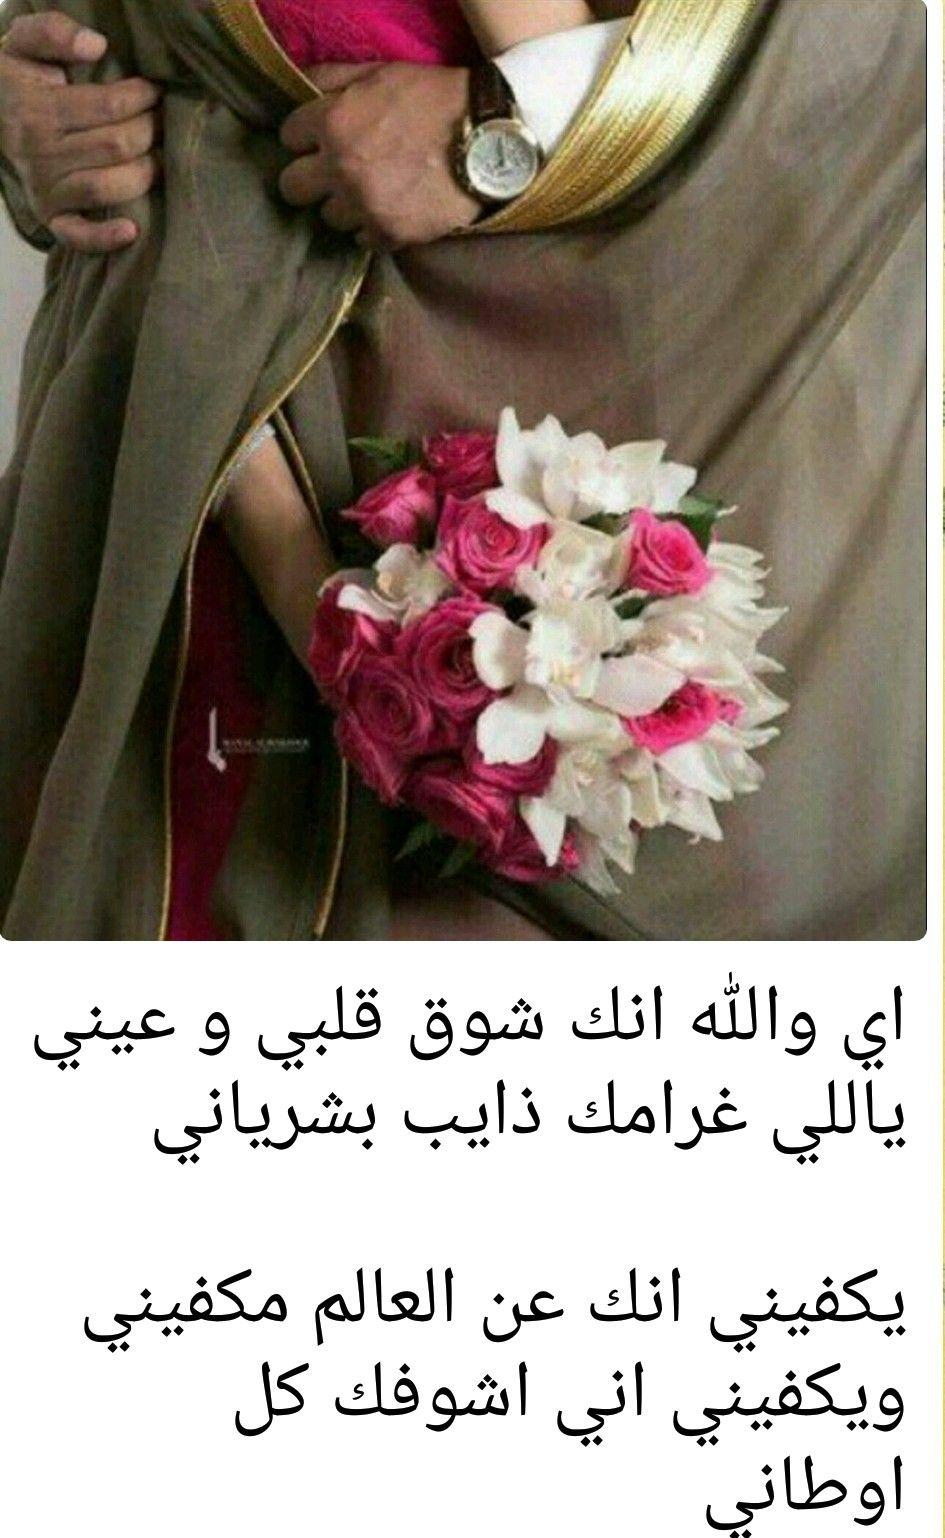 شيلة تهنئه زواج اهداء من اخوان واخوات العريس Ll باسم عبد الرحمن Ll نحمدك